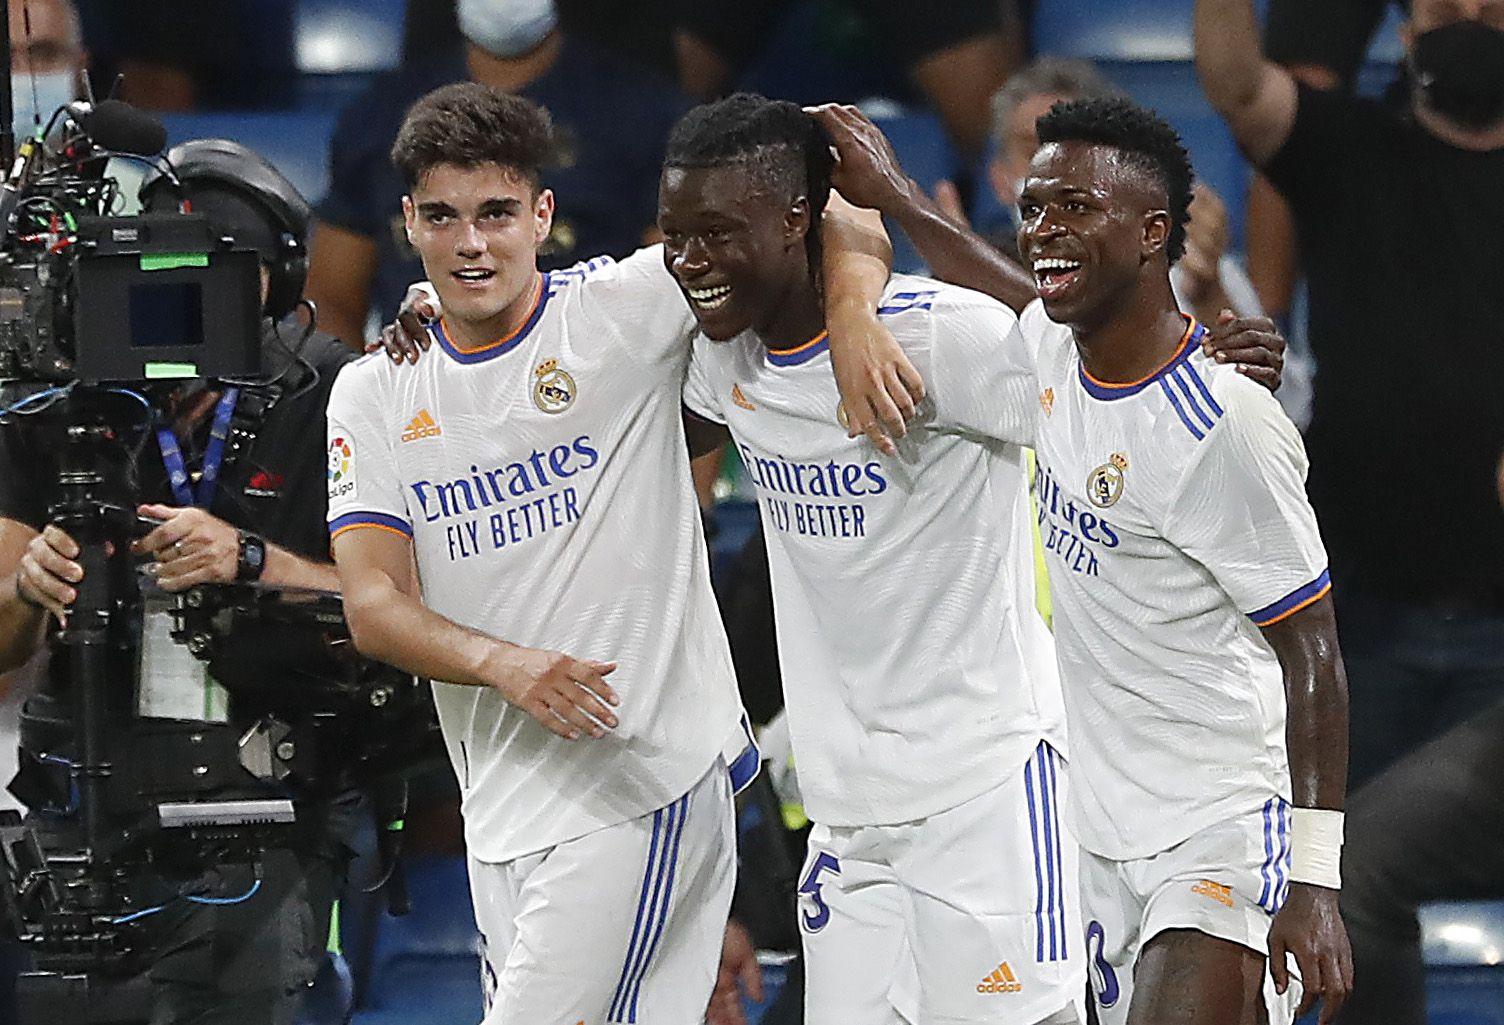 El francés debutó con la camiseta del Real Madrid en el partido ante el Celta de Vigo e hizo un gol (REUTERS/Susana Vera)